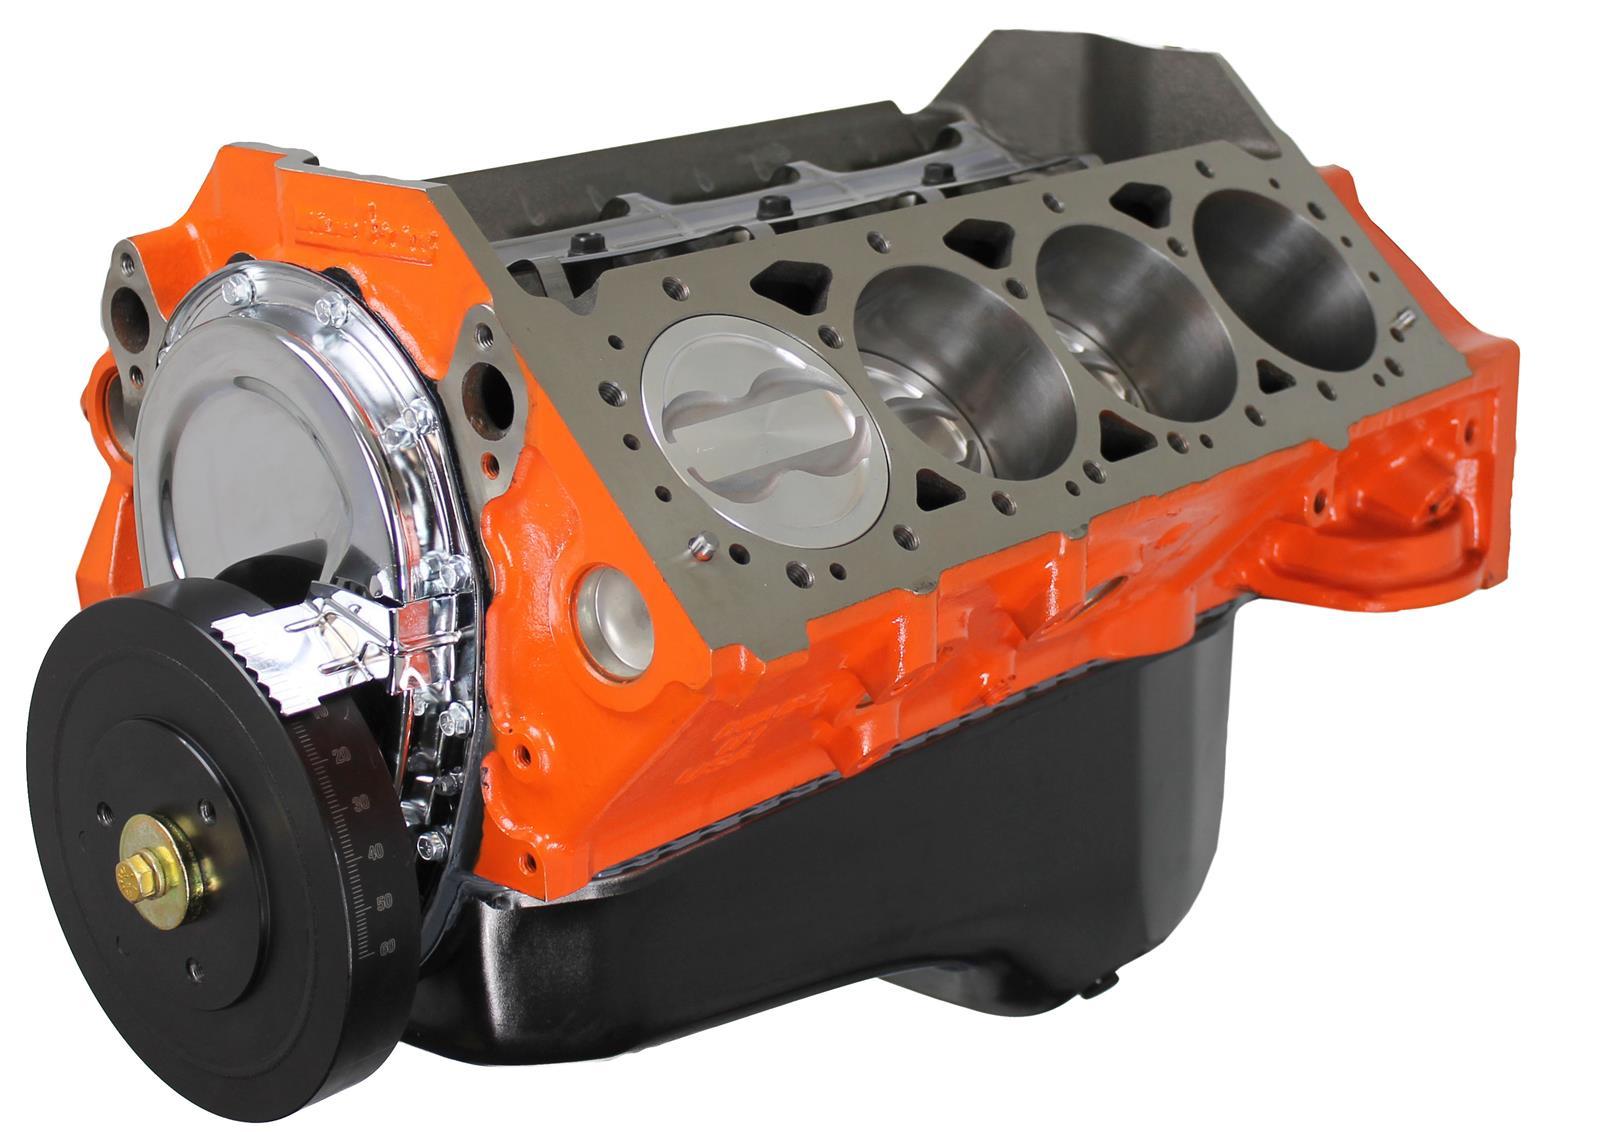 Sema 2015 onallcylinders sema show n tell blueprint engines short block malvernweather Choice Image